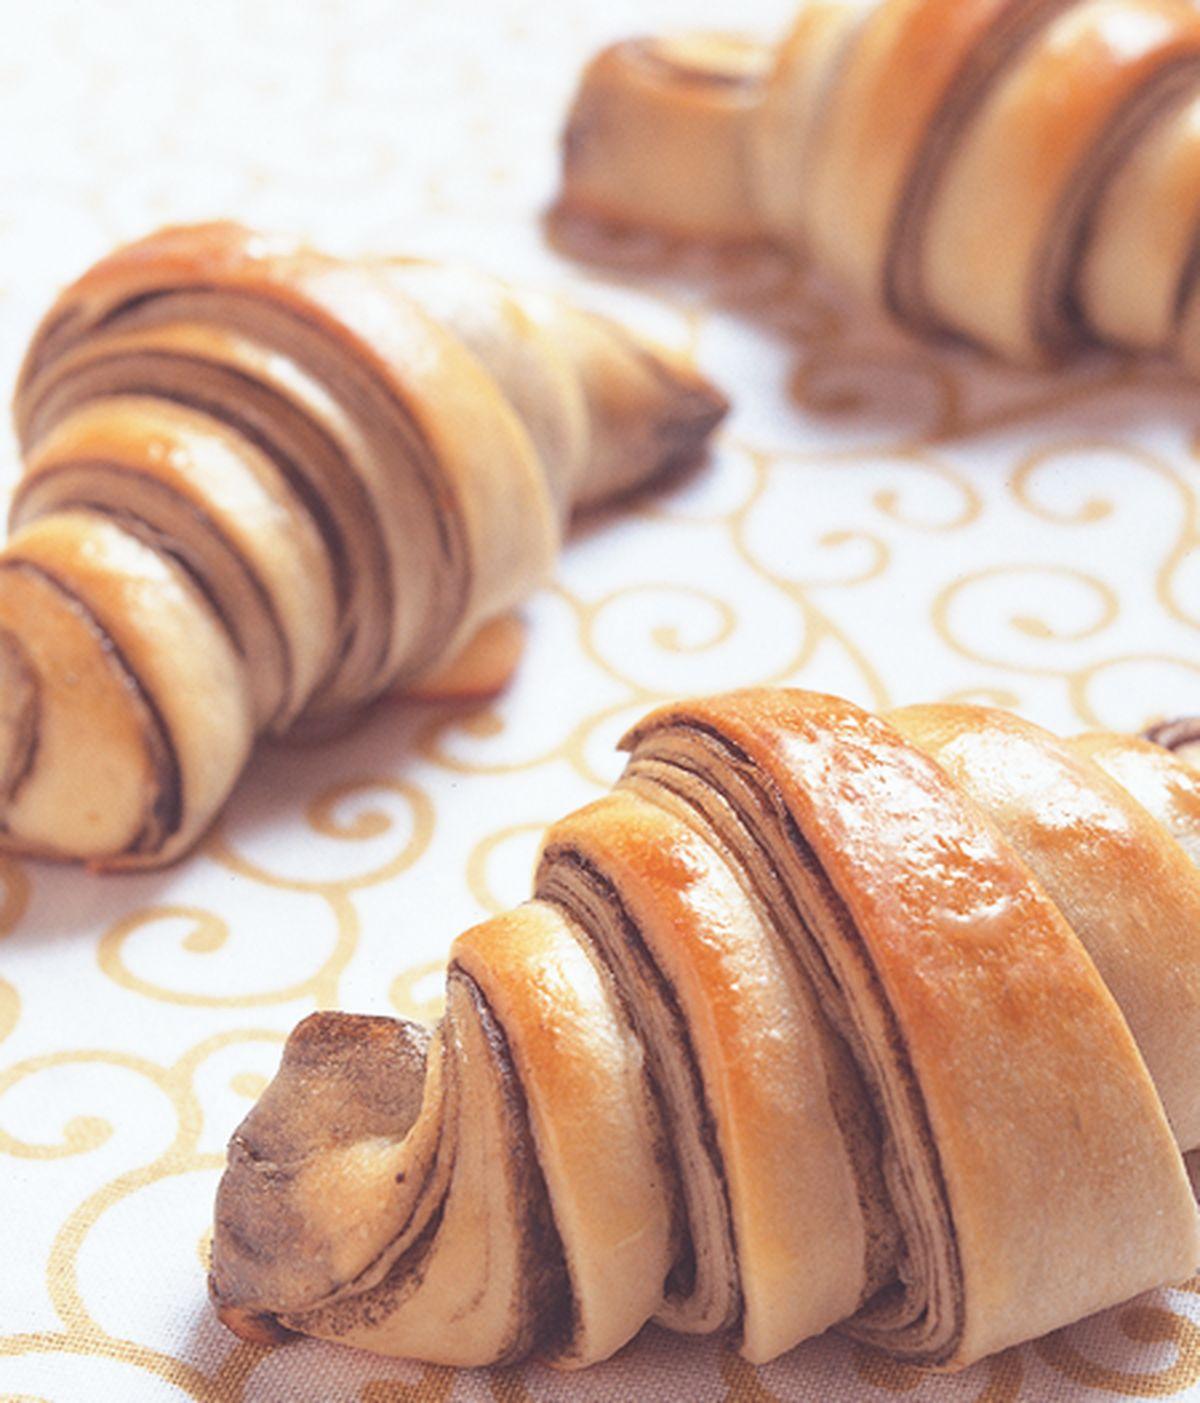 食譜:大理石牛角麵包